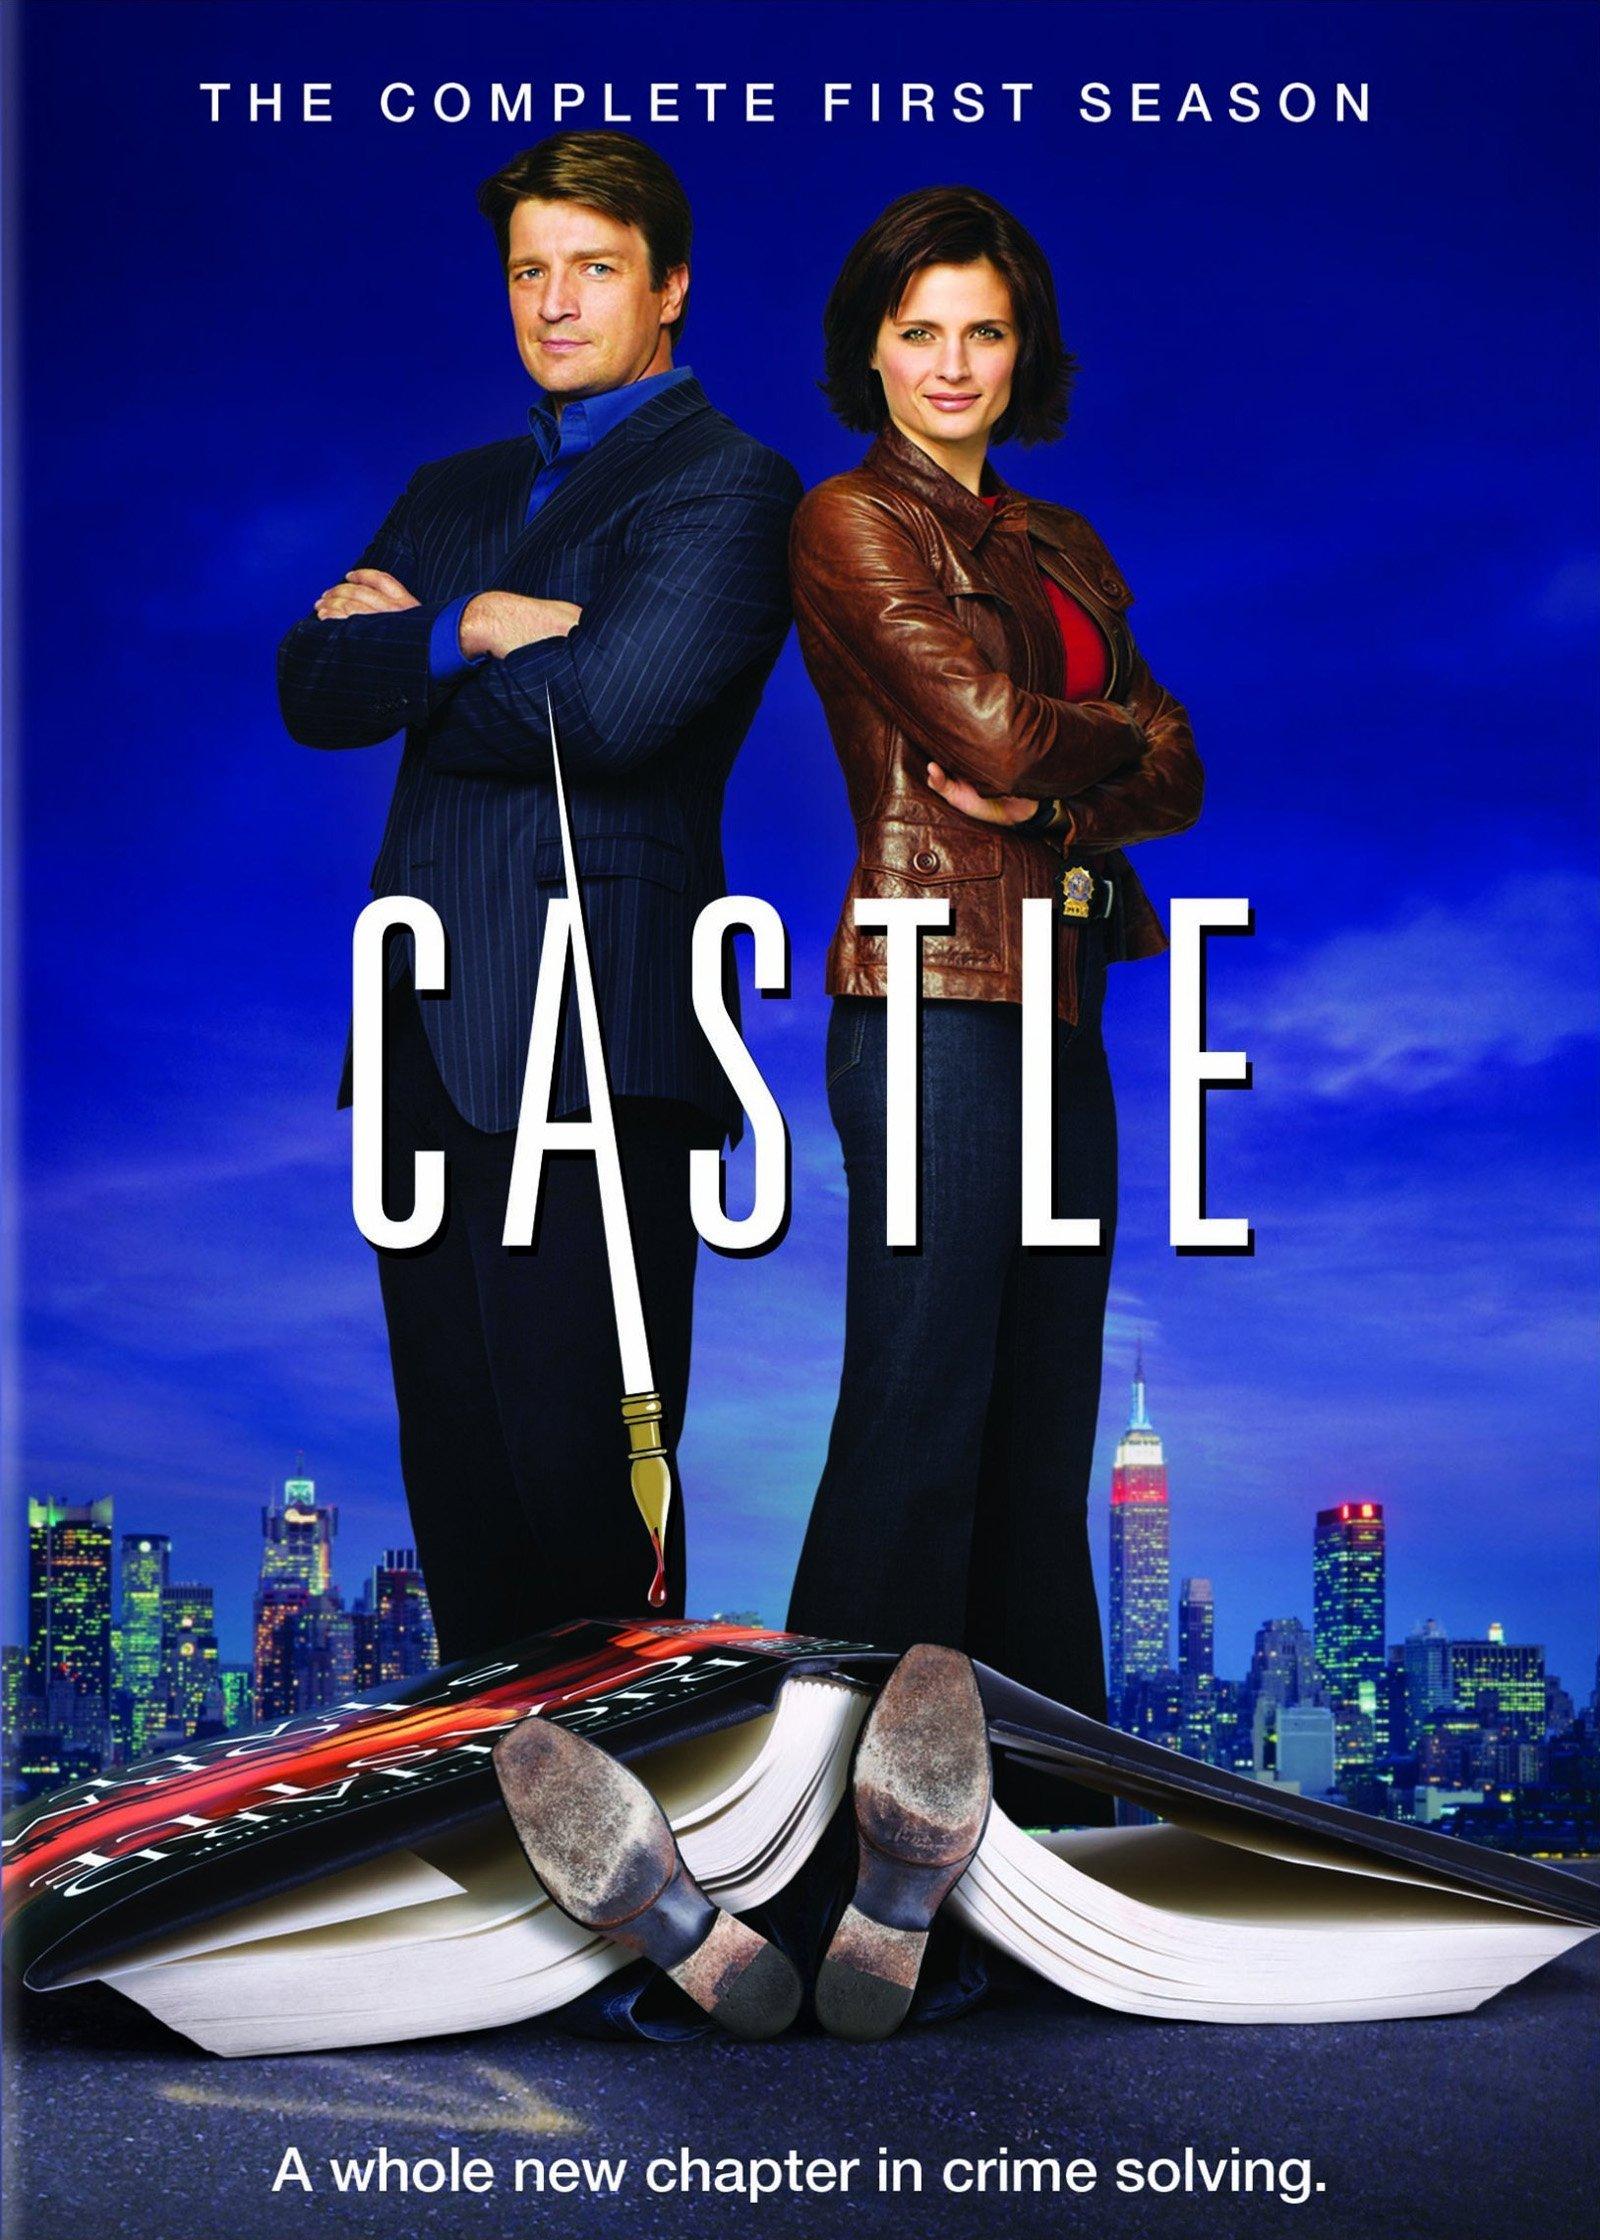 castle 2009 poster. Black Bedroom Furniture Sets. Home Design Ideas